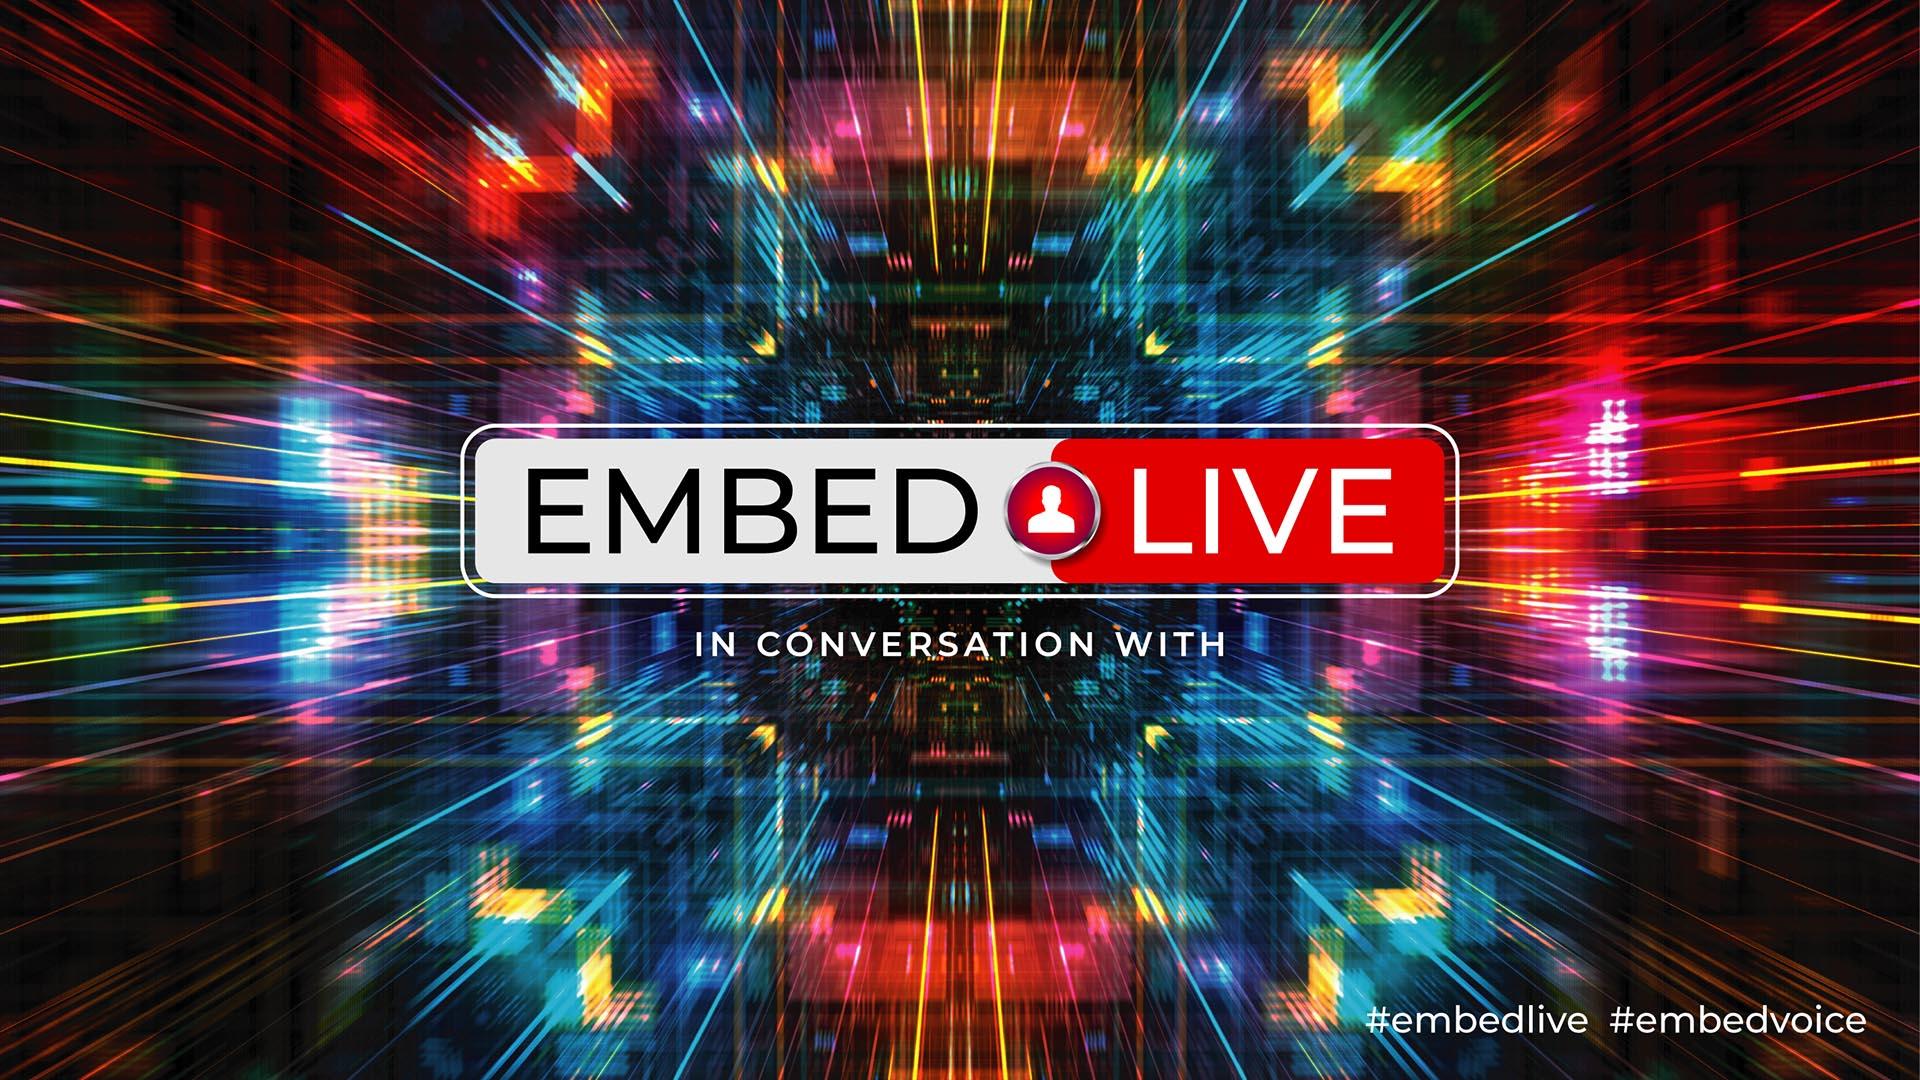 Embed Live Logo on BG